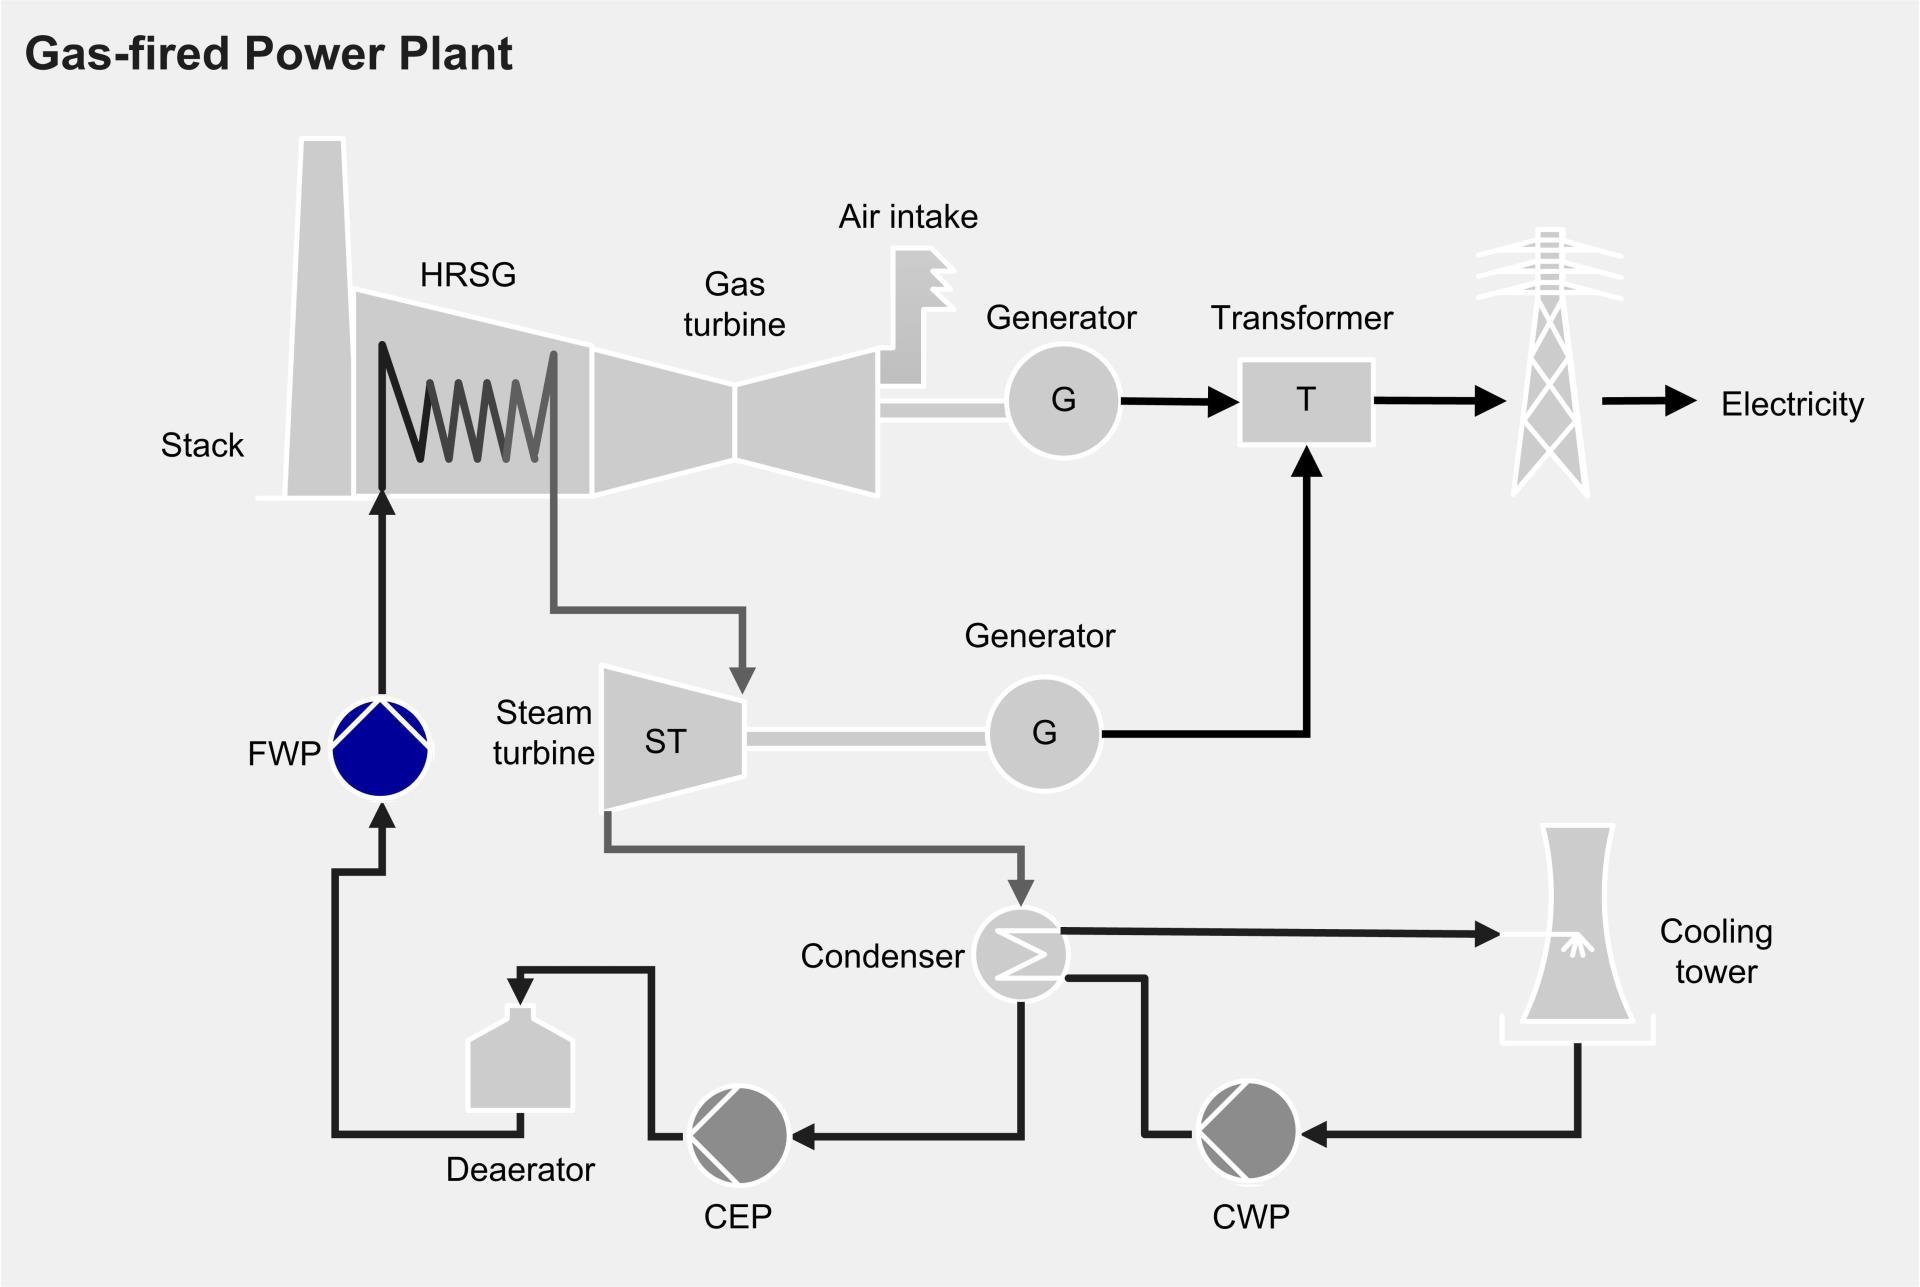 Speisewasserpumpe (FWP) für Gaskraftwerk | Sulzer